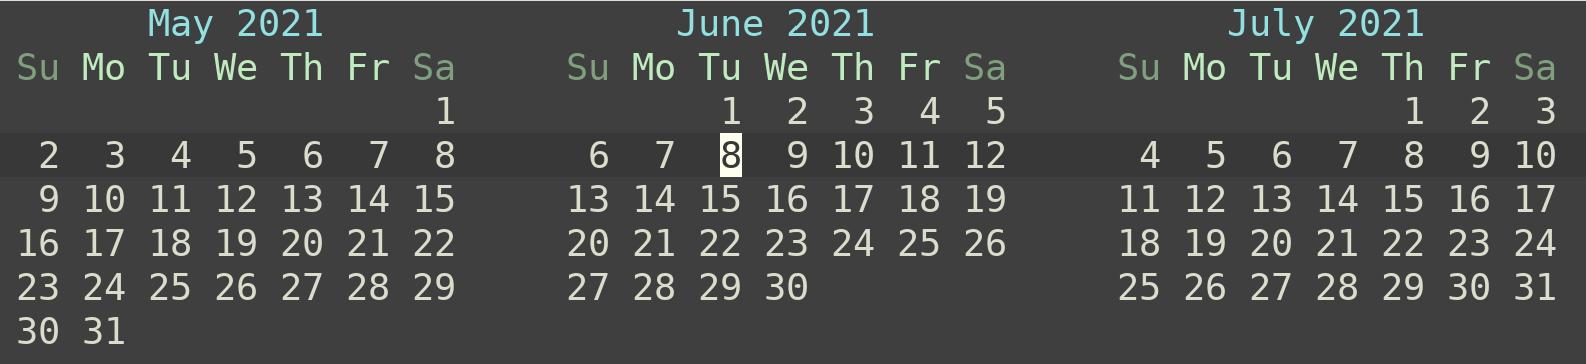 calendar_default.png